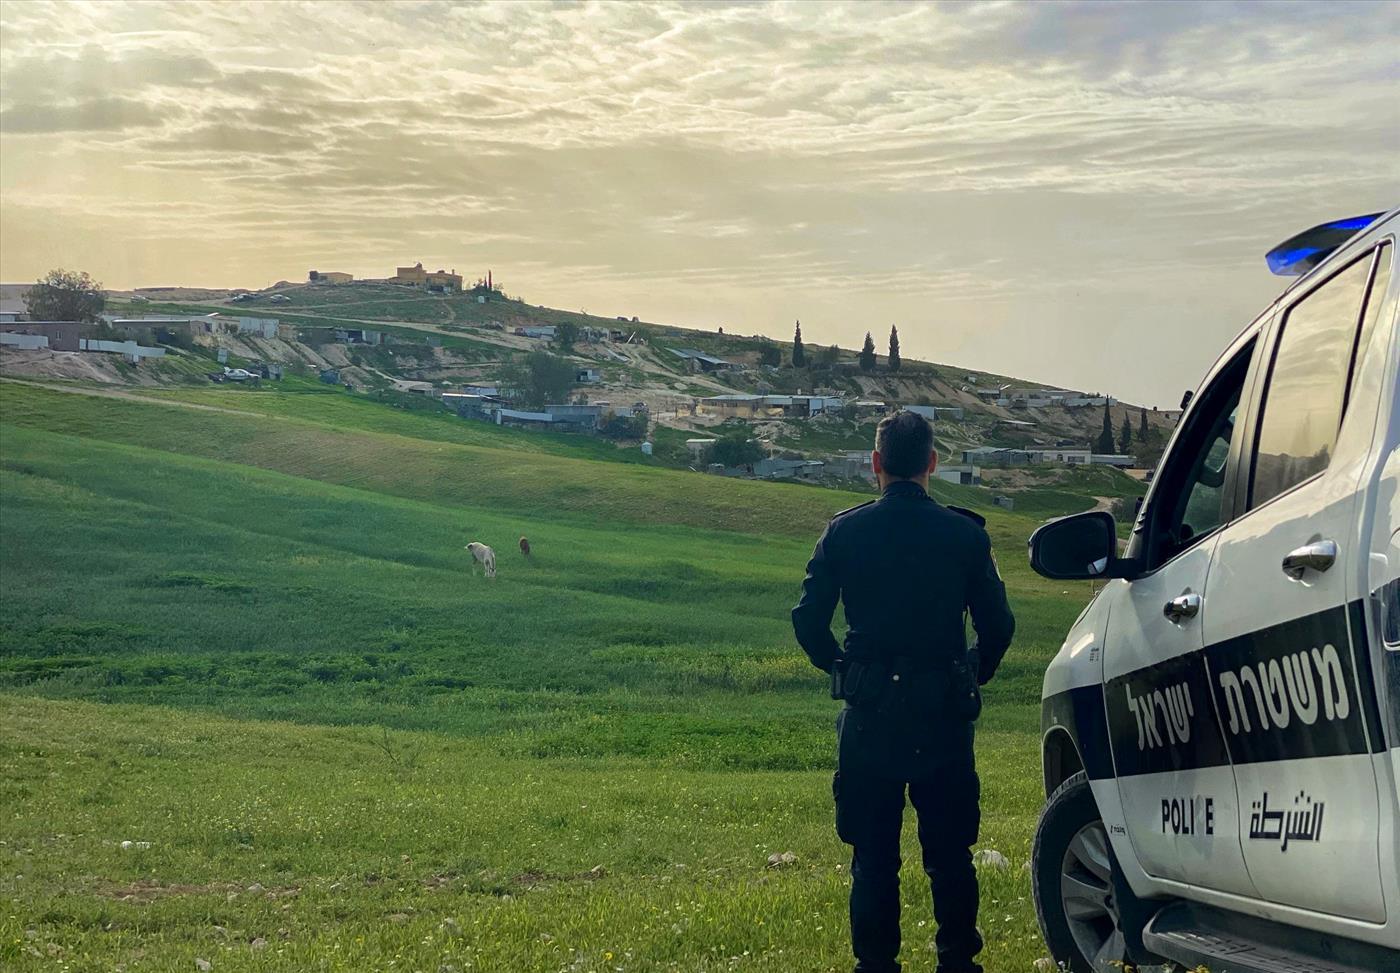 """""""להקים יחידה לטיפול בתופעה"""" - שוטר סמוך לכפר בדואי. ארכיון (איתן אסרף, משטרת ישראל)"""